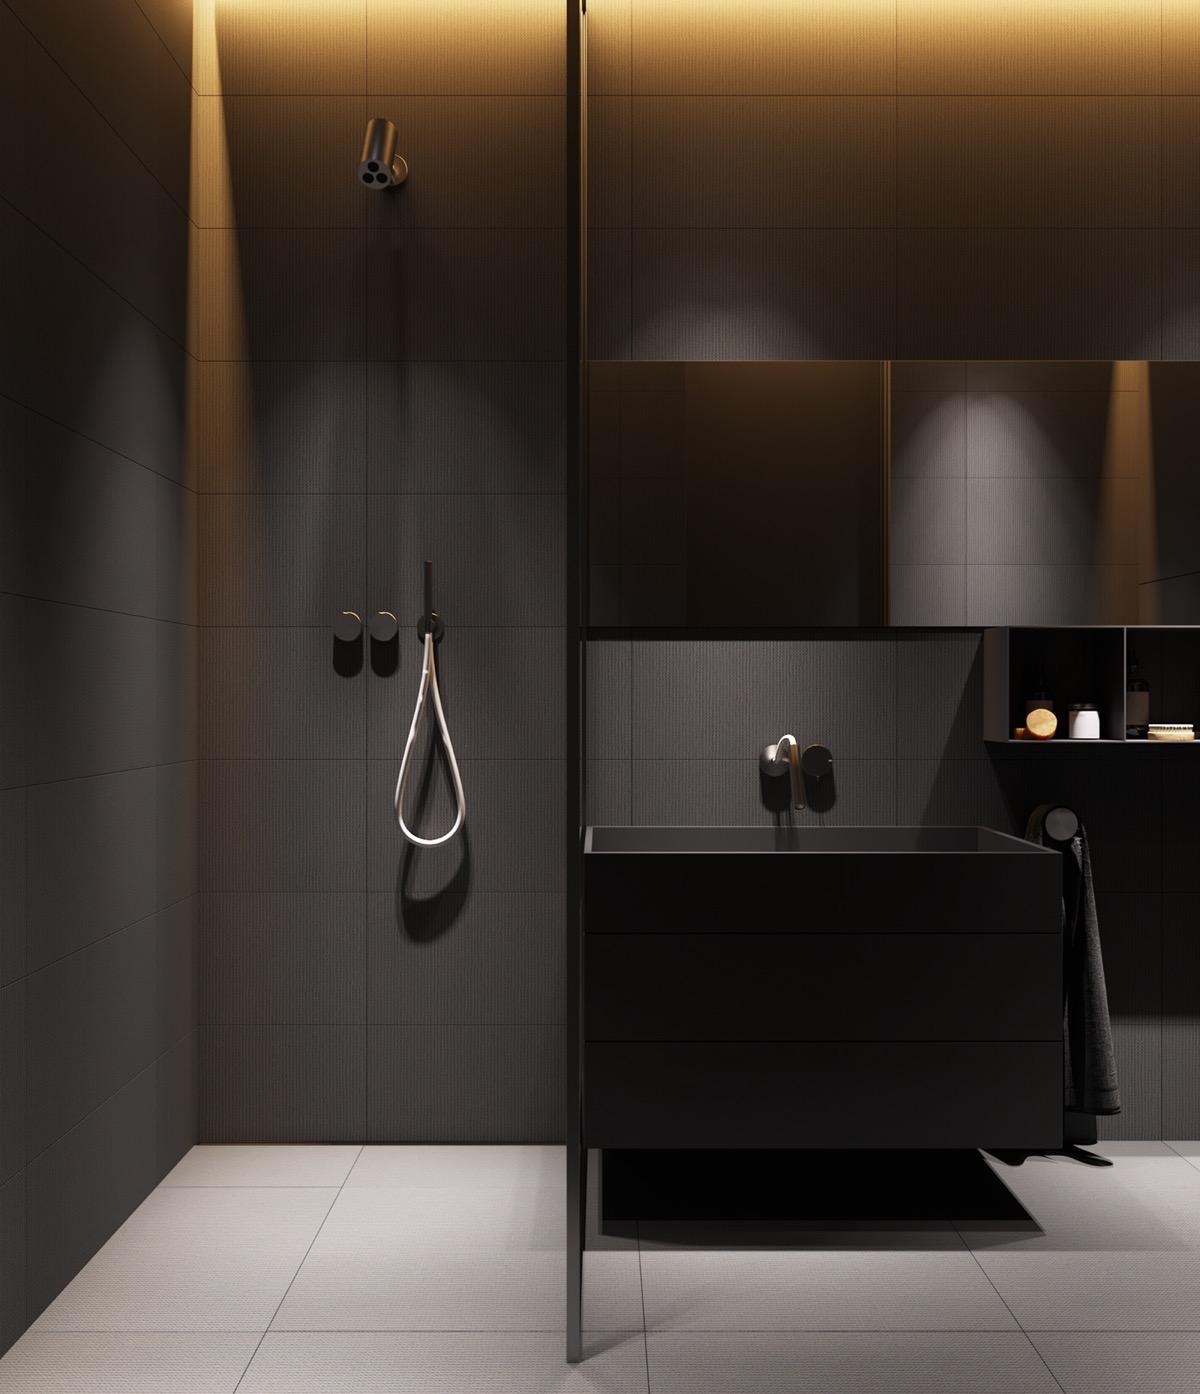 大气高级感的深灰色 2套现代气质住宅设计